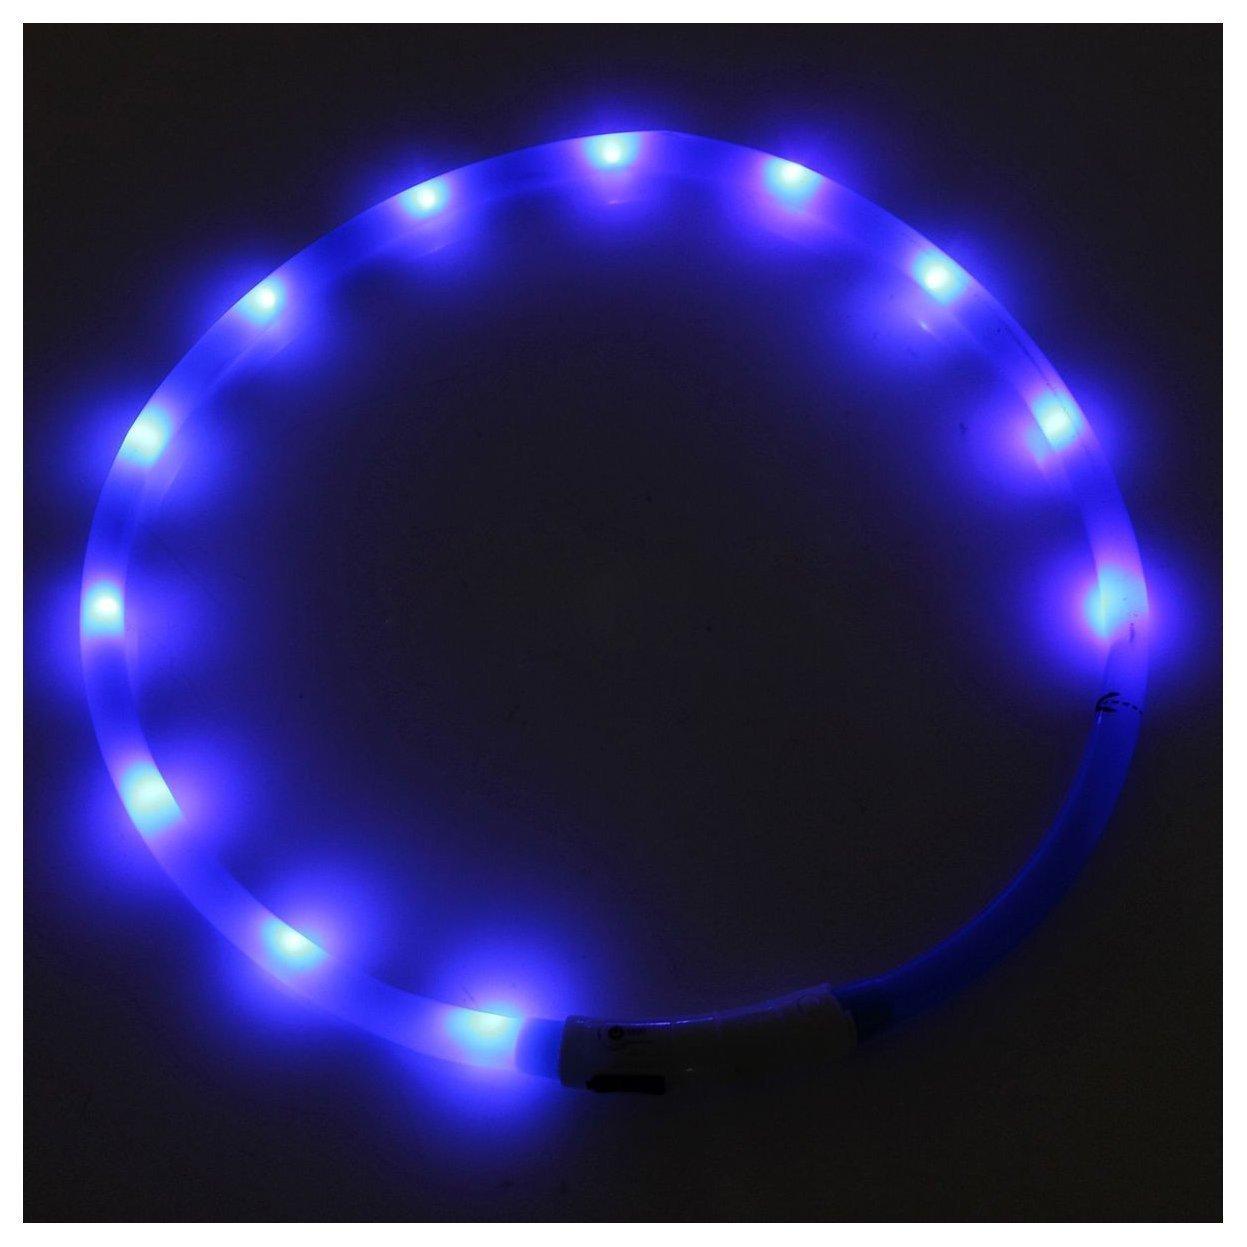 Collier pour chien lumineux clignotant LED - TOOGOO(R) USB rechargeable etanche LED clignotante bande lumineuse collier de ceinture de securite de chien bleu